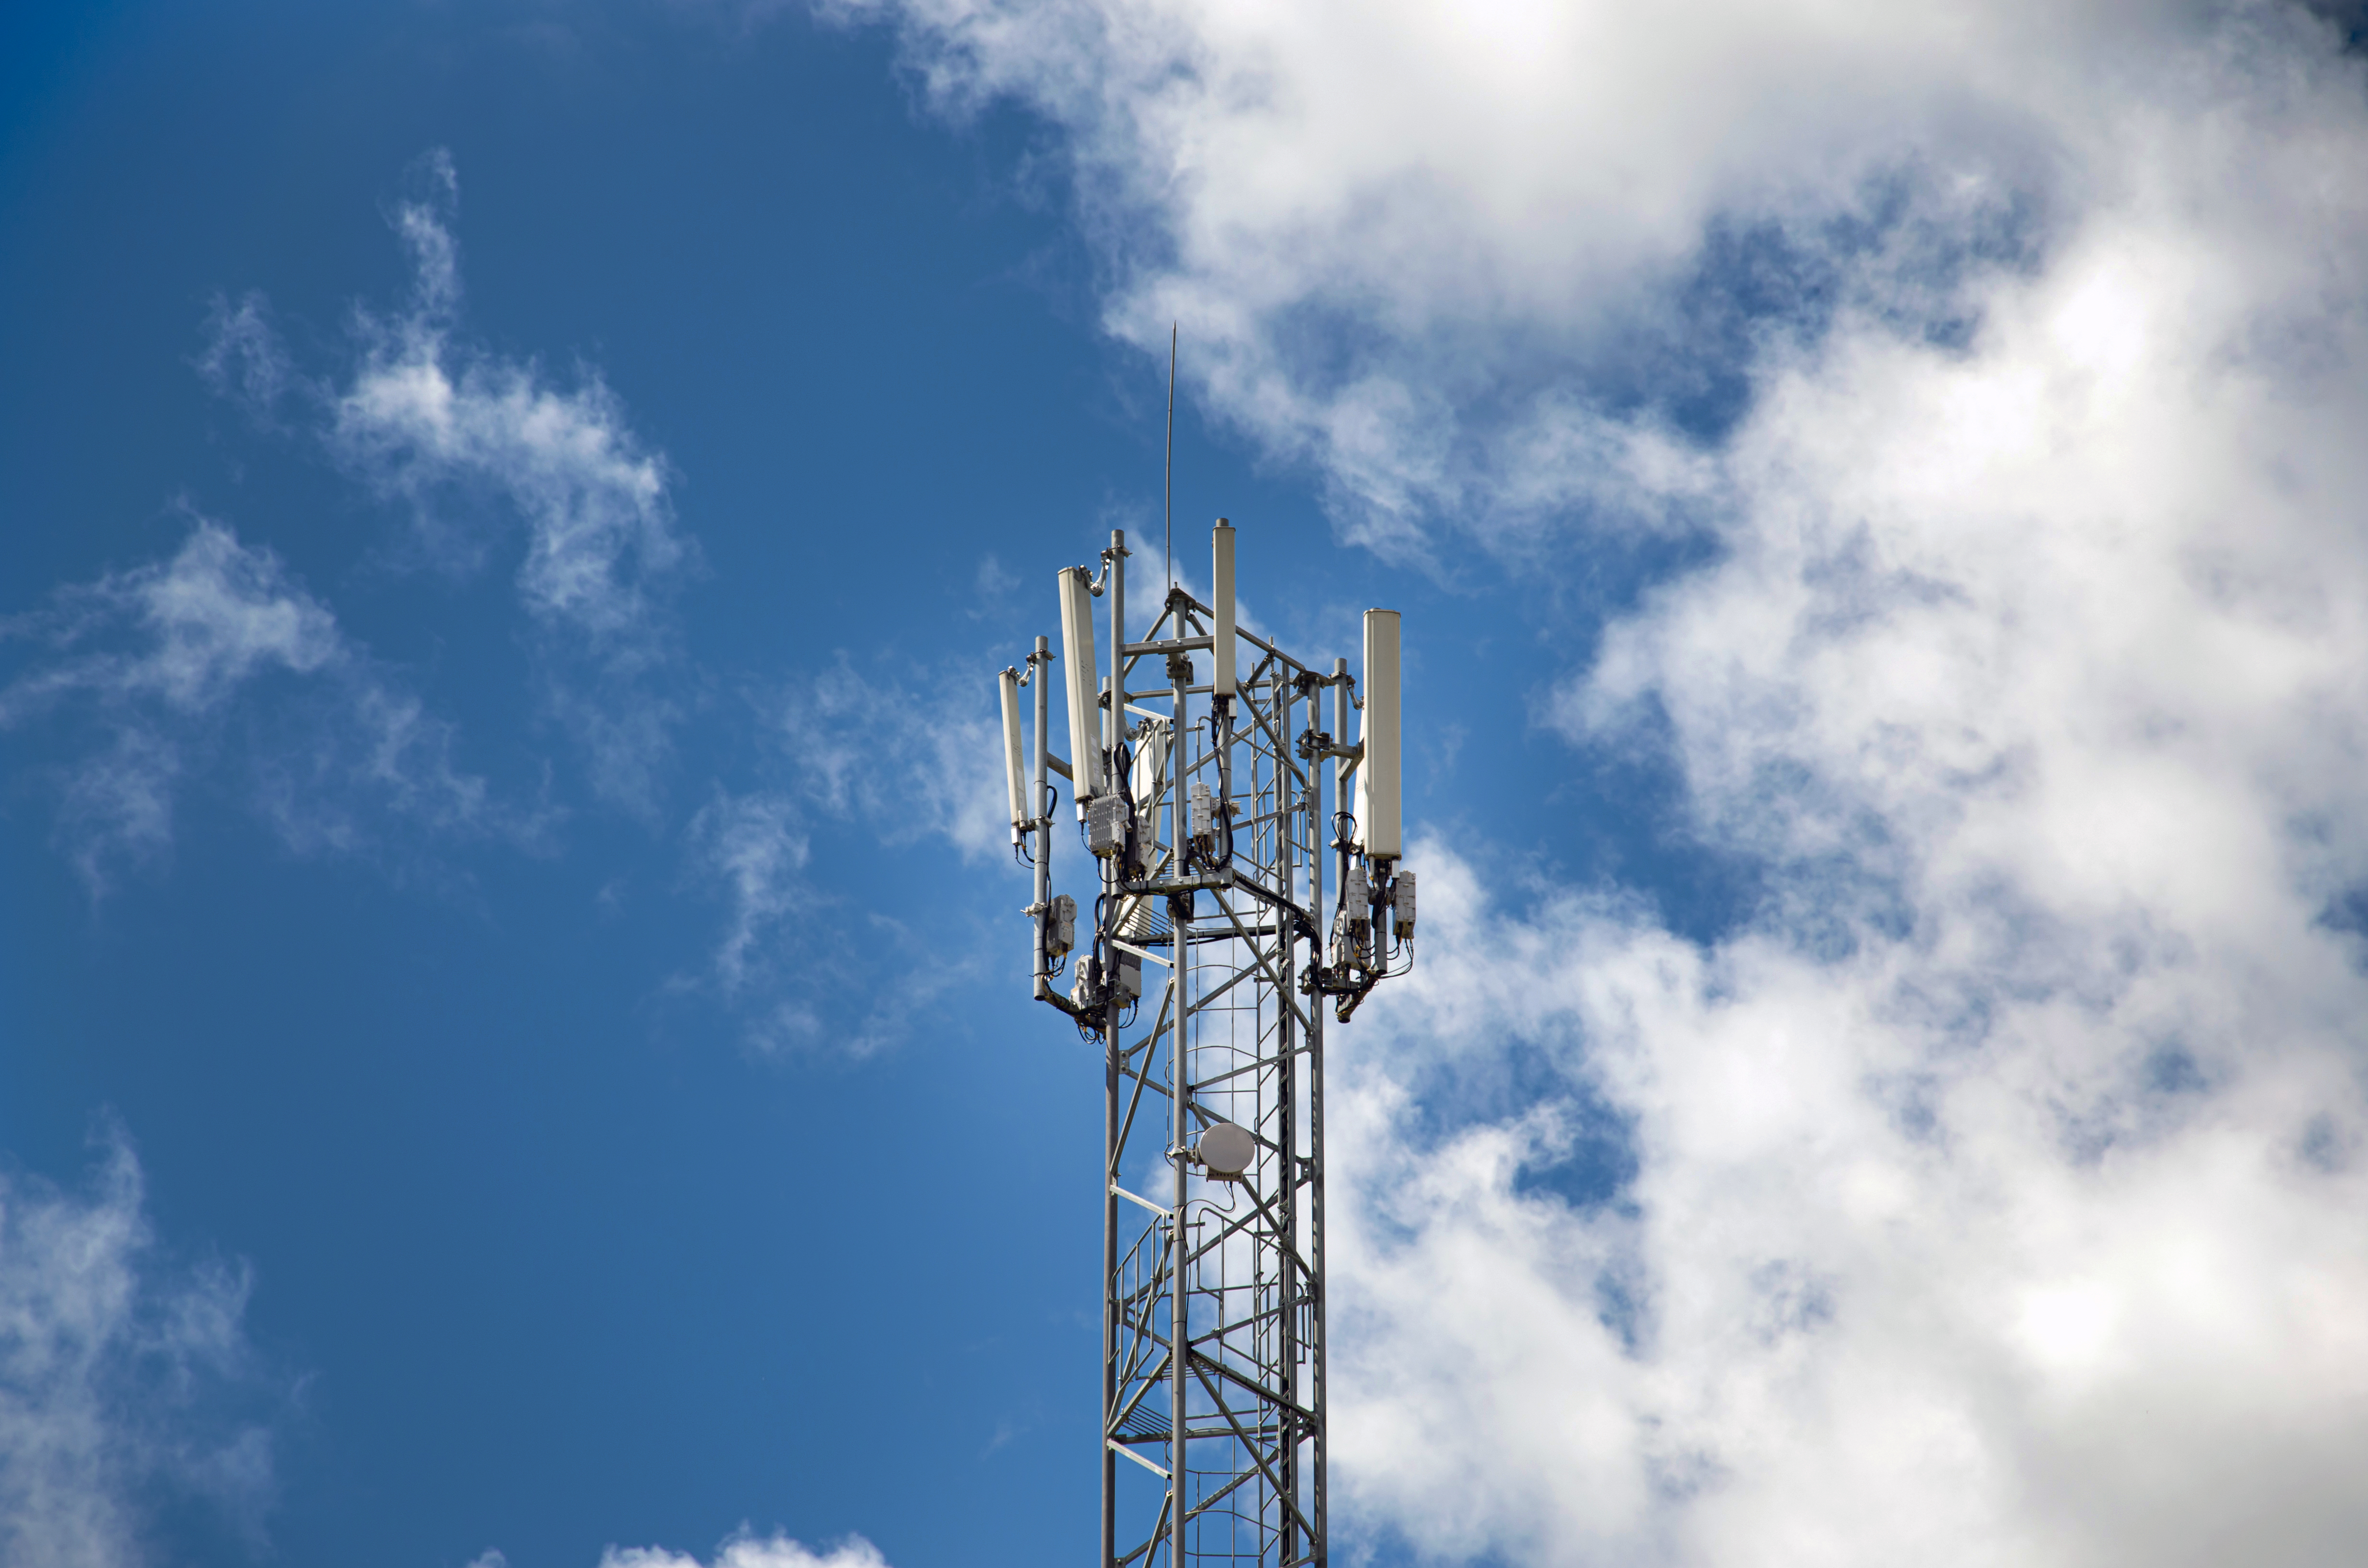 הקלטת שיחות על גבי רשת התקשורת - לא ניתן לחסום